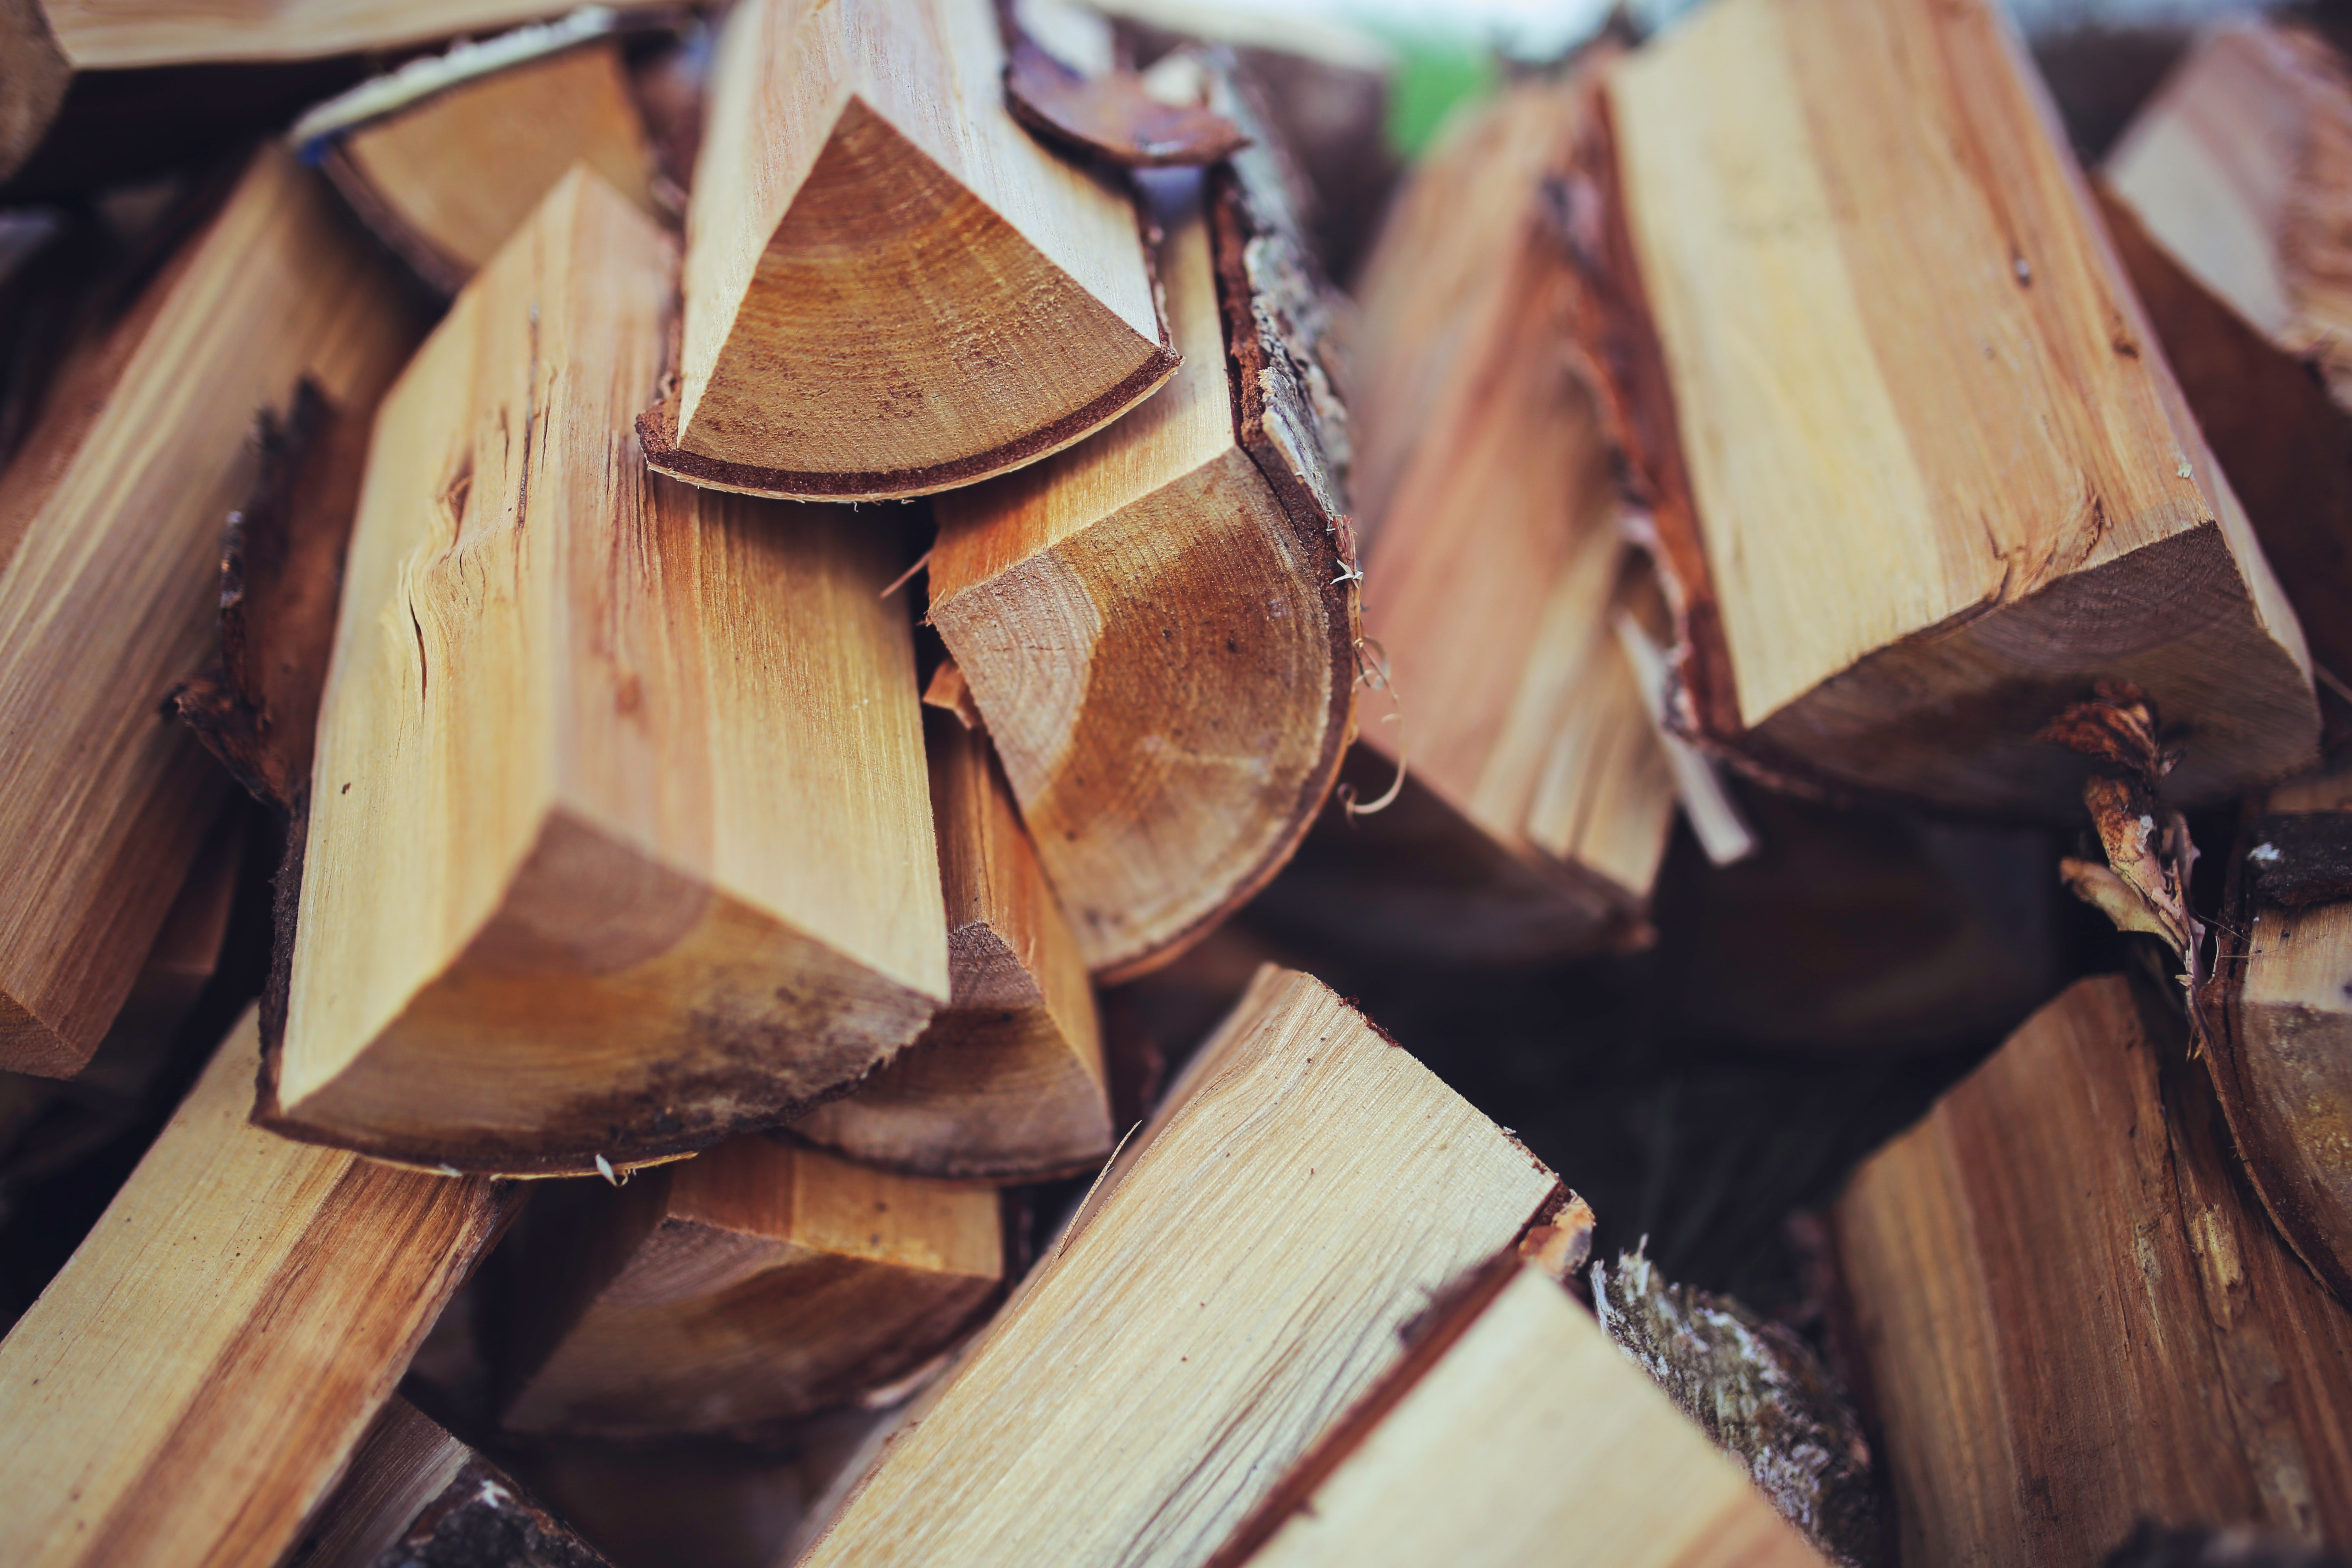 Fireplace Wood, Fireplace, Lumber, Wood, HQ Photo